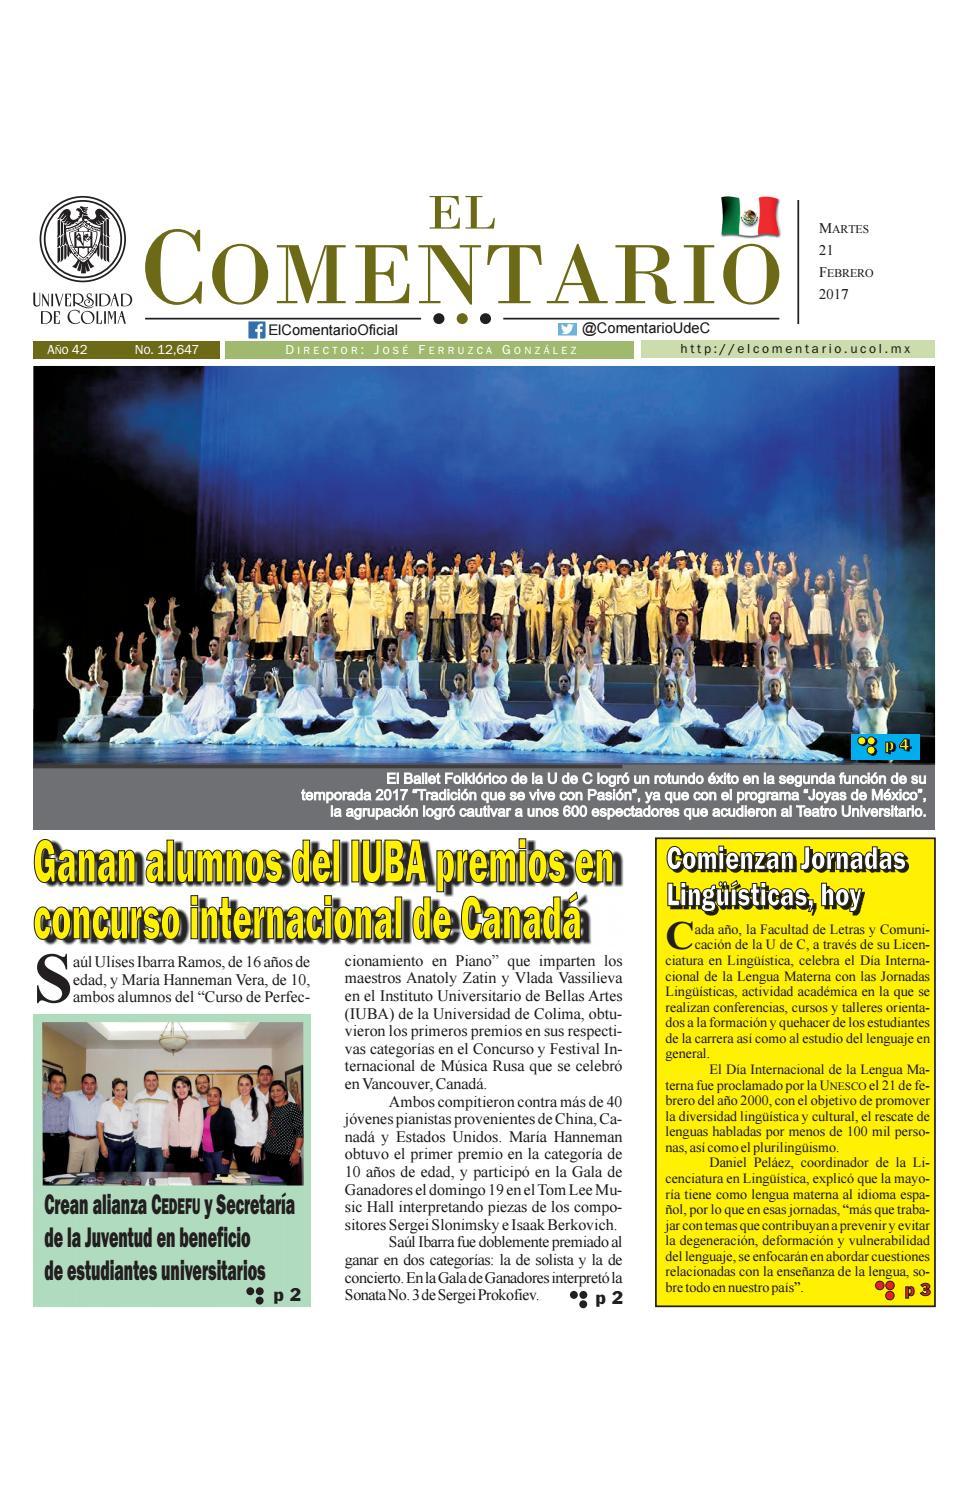 a1b5b0fac600 Edición del martes 21 de febrero de 2017 by Pepe Ferruzca - issuu